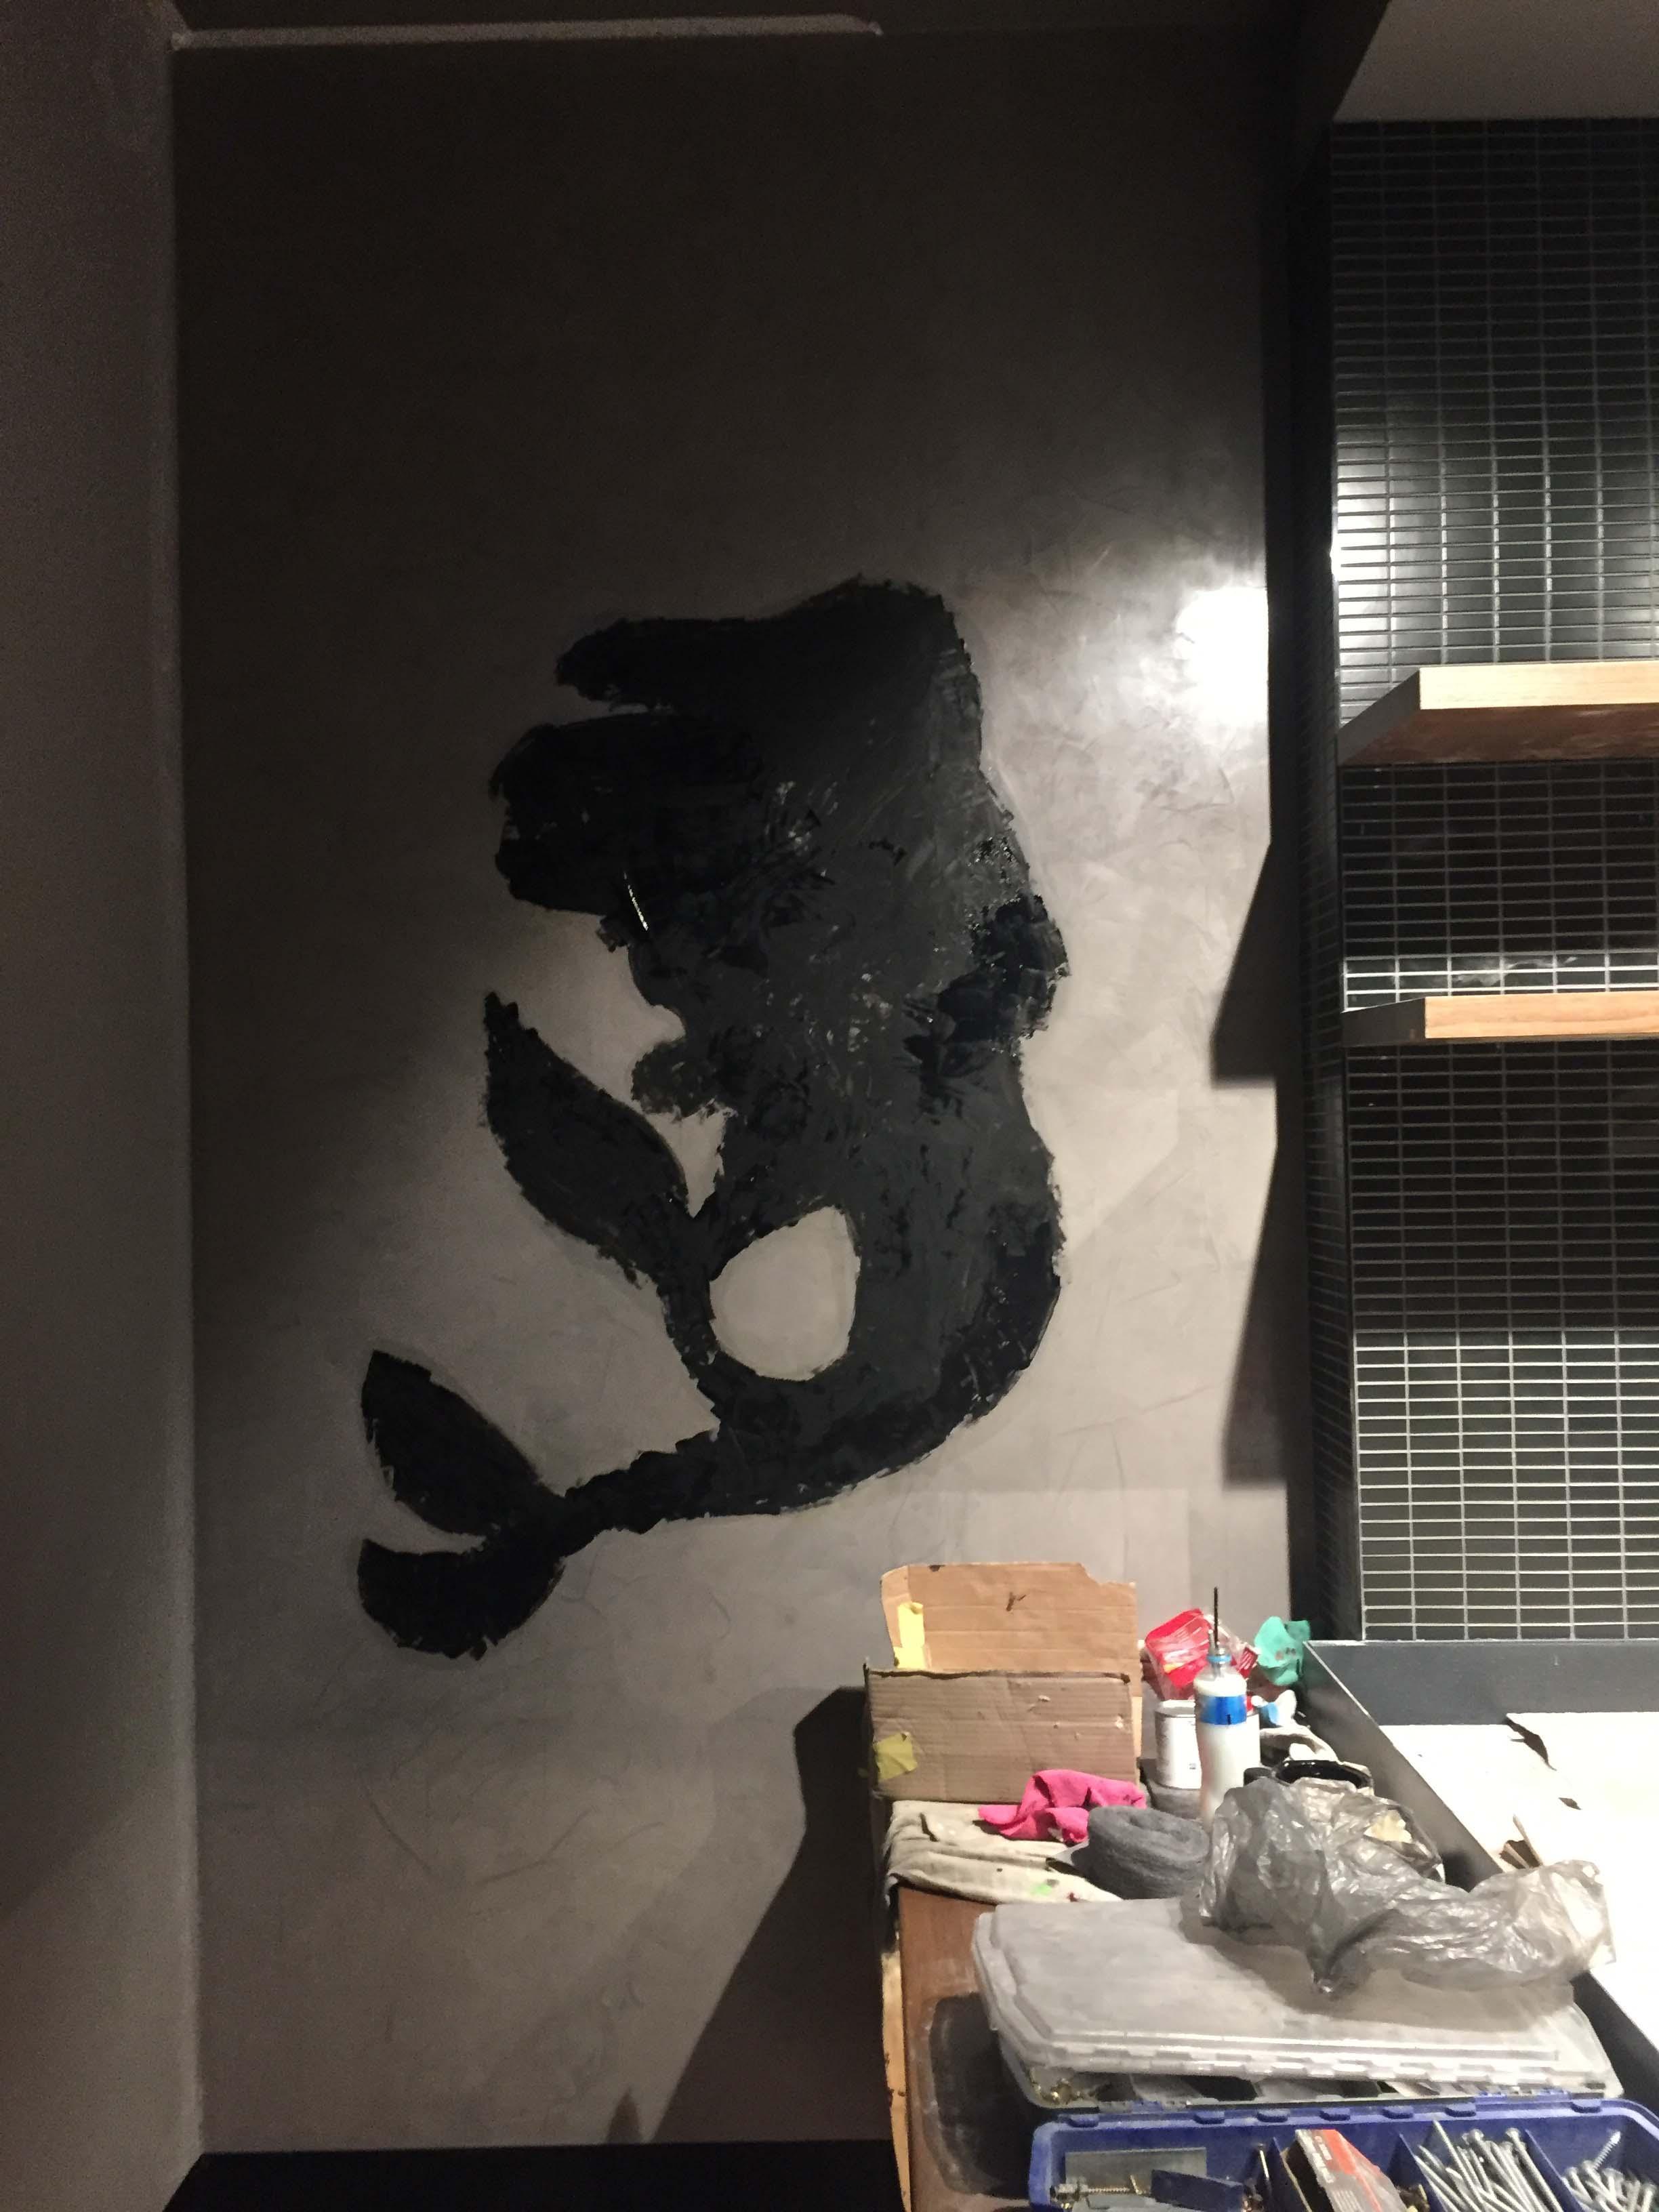 the-art-of-wall-starbucks-highpoint-mural-siren-lino-cut-5